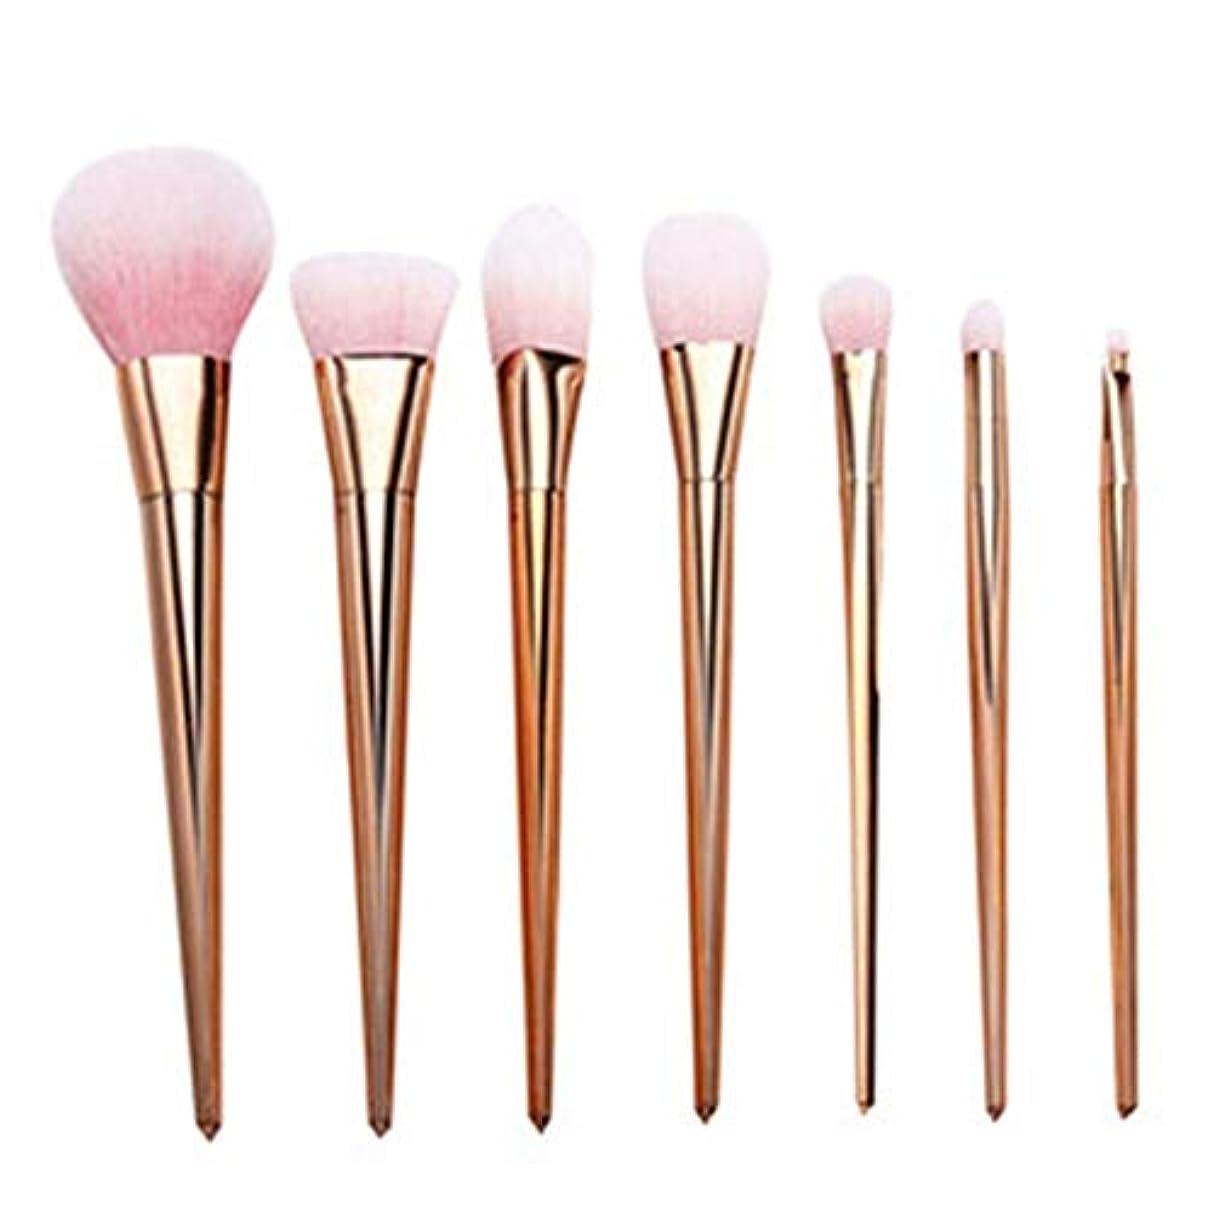 列車道に迷いましたシリーズプロ メイクブラシ 化粧筆 シリーズ 化粧ブラシセット 高級タクロン 超柔らかい 可愛い リップブラシツール 7本セット (Color : Rose Gold)